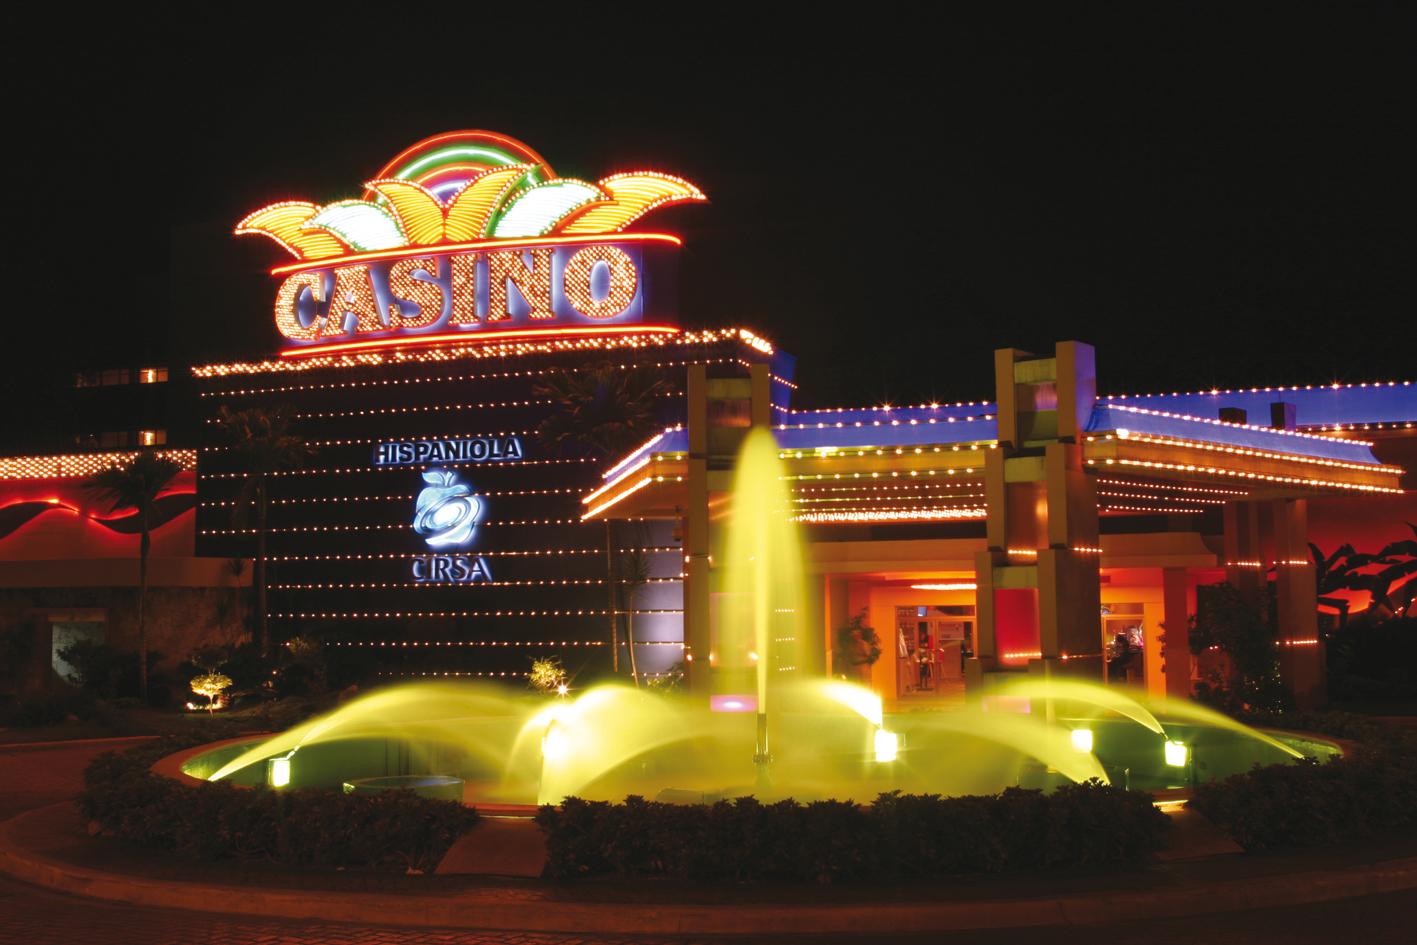 Jaragua casino